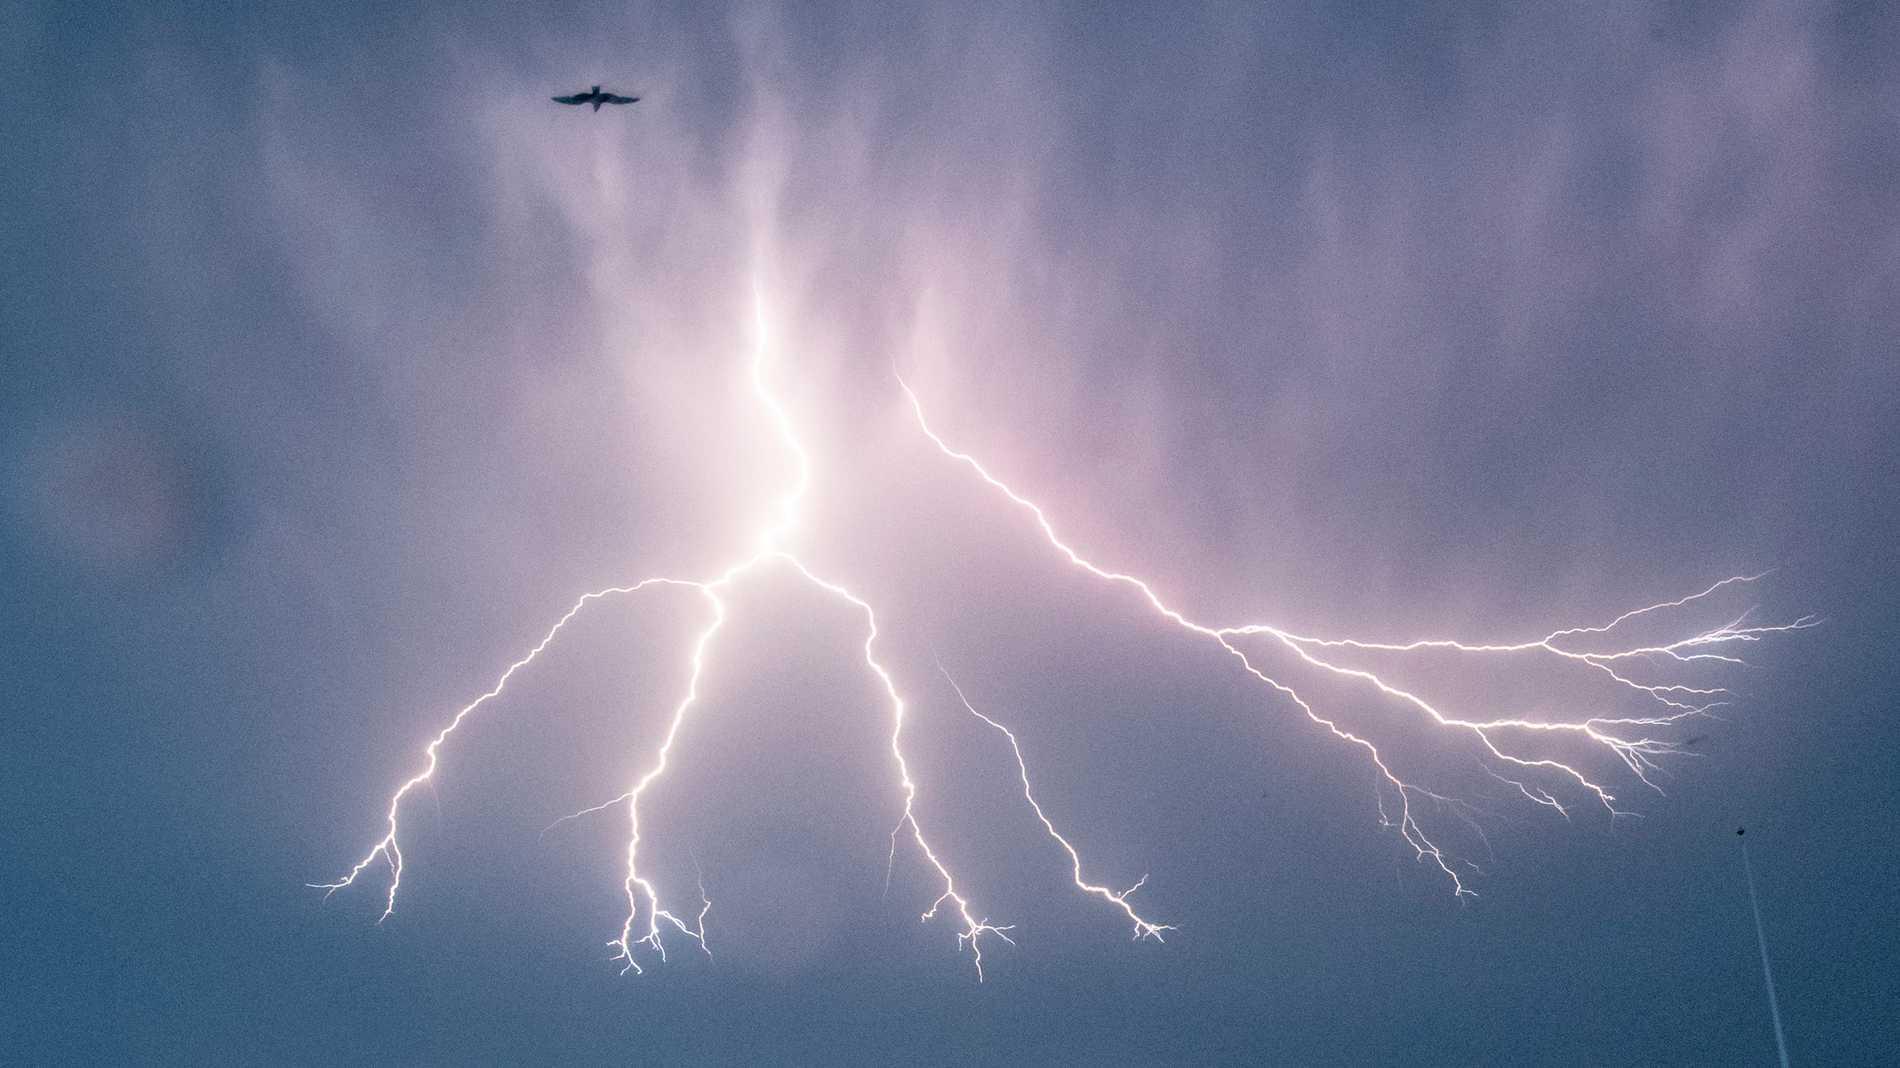 Ännu ett kraftigt åskoväder drar in och en klass 1-varning har utfärdats för bland annat Örebro län. Arkivbild.